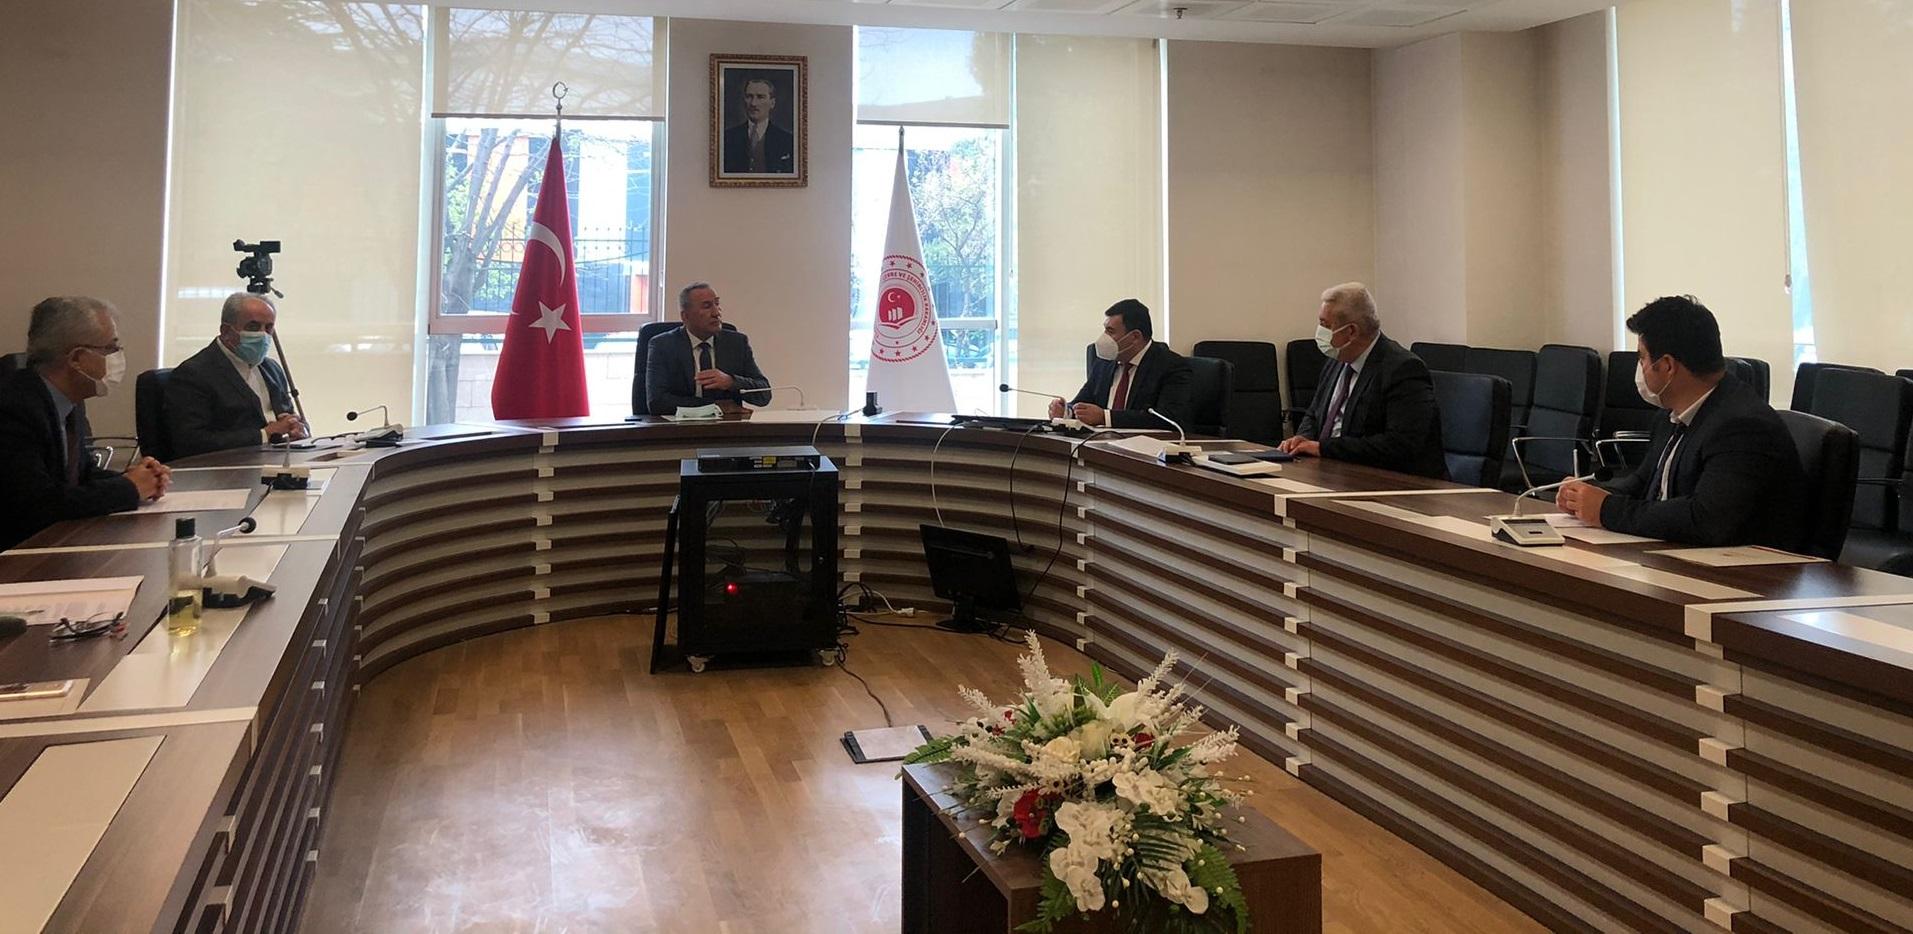 Bakanlığımız Kurum İdari Kurul toplantısı 27 Nisan 2021 tarihinde Genel Müdürümüzün Başkanlığında gerçekleştirilmiştir